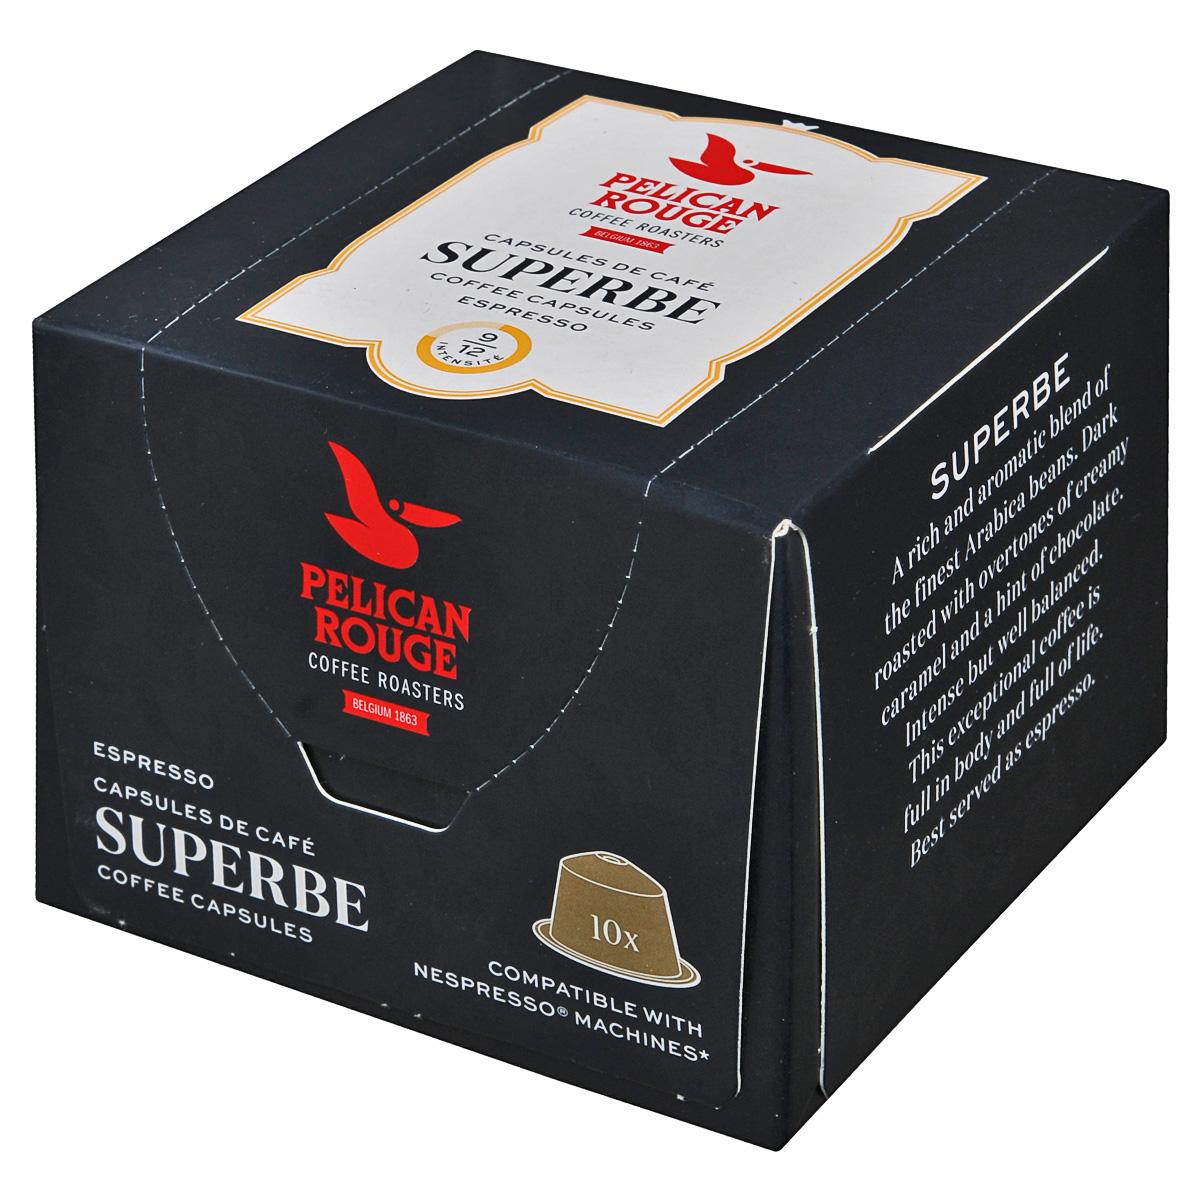 Pelican Rouge Superbe кофе в капсулах, 10 шт5410958482608Pelican Rouge Superbe - темно-обжаренный кофе с обертонами сливочной карамели и намеком на шоколад. Интенсивный, но хорошо сбалансированный кофе.